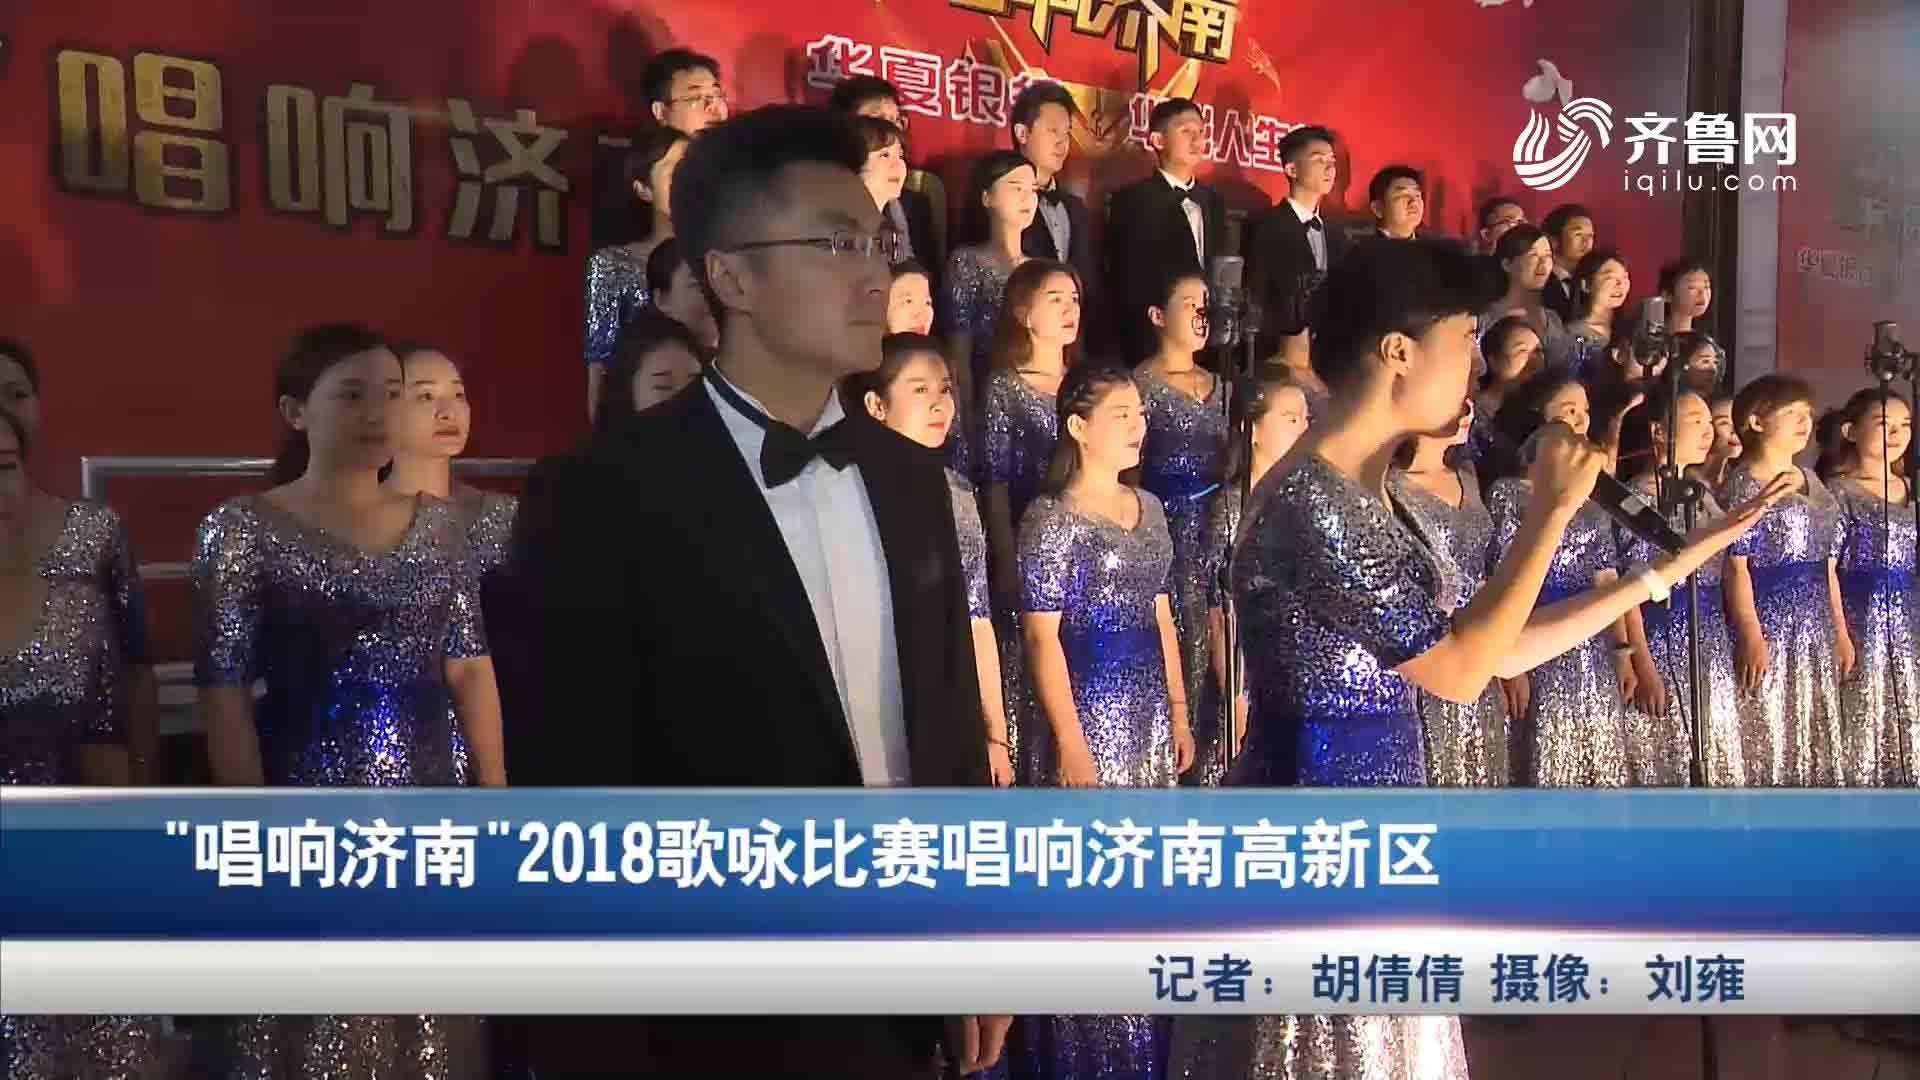 唱响济南2018歌咏比赛唱响济南高新区